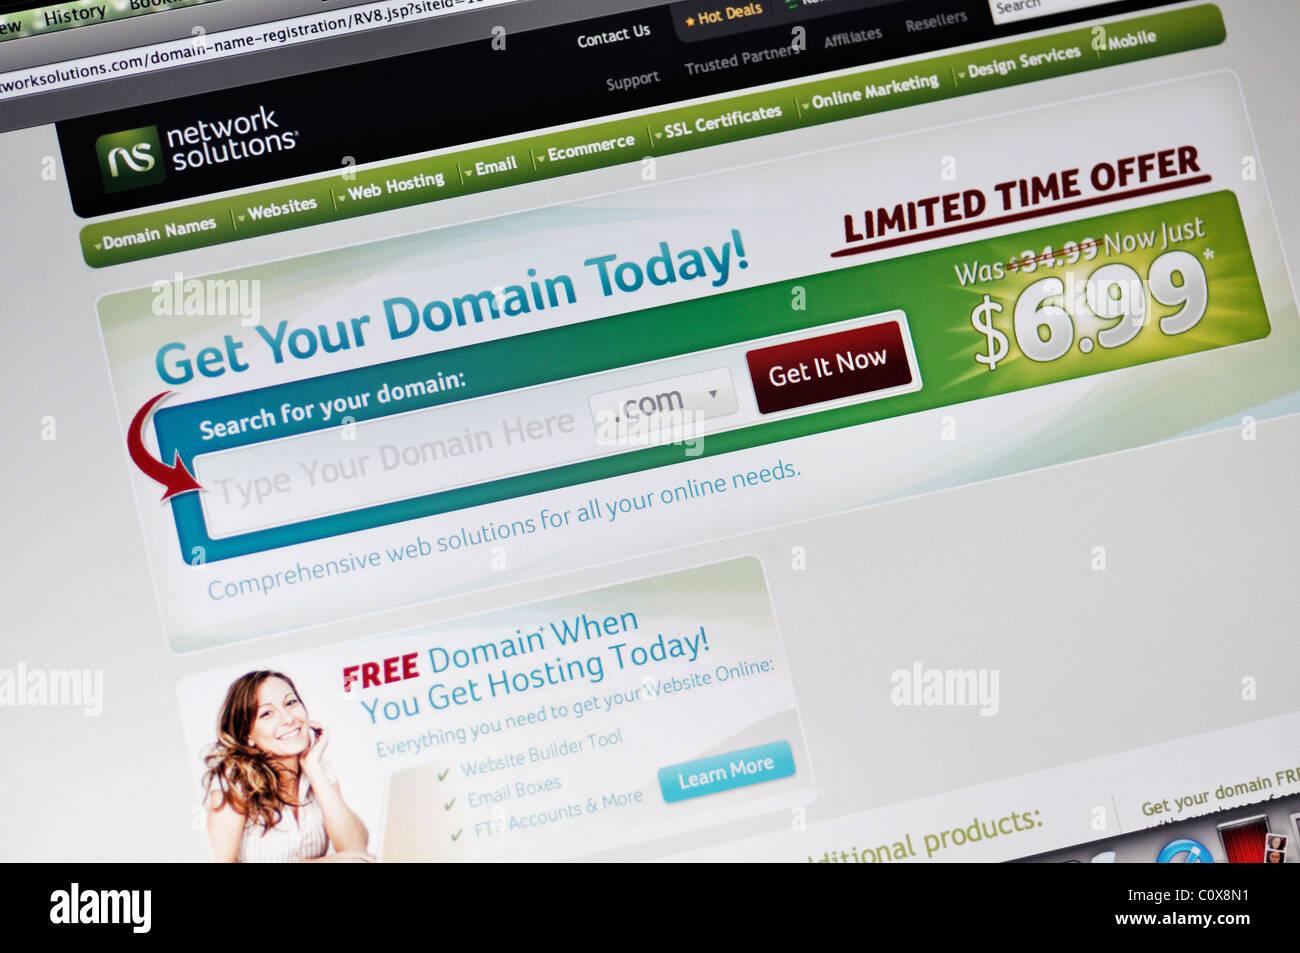 Sitio web de soluciones de red - nombres de dominio, alojamiento web y marketing online Imagen De Stock